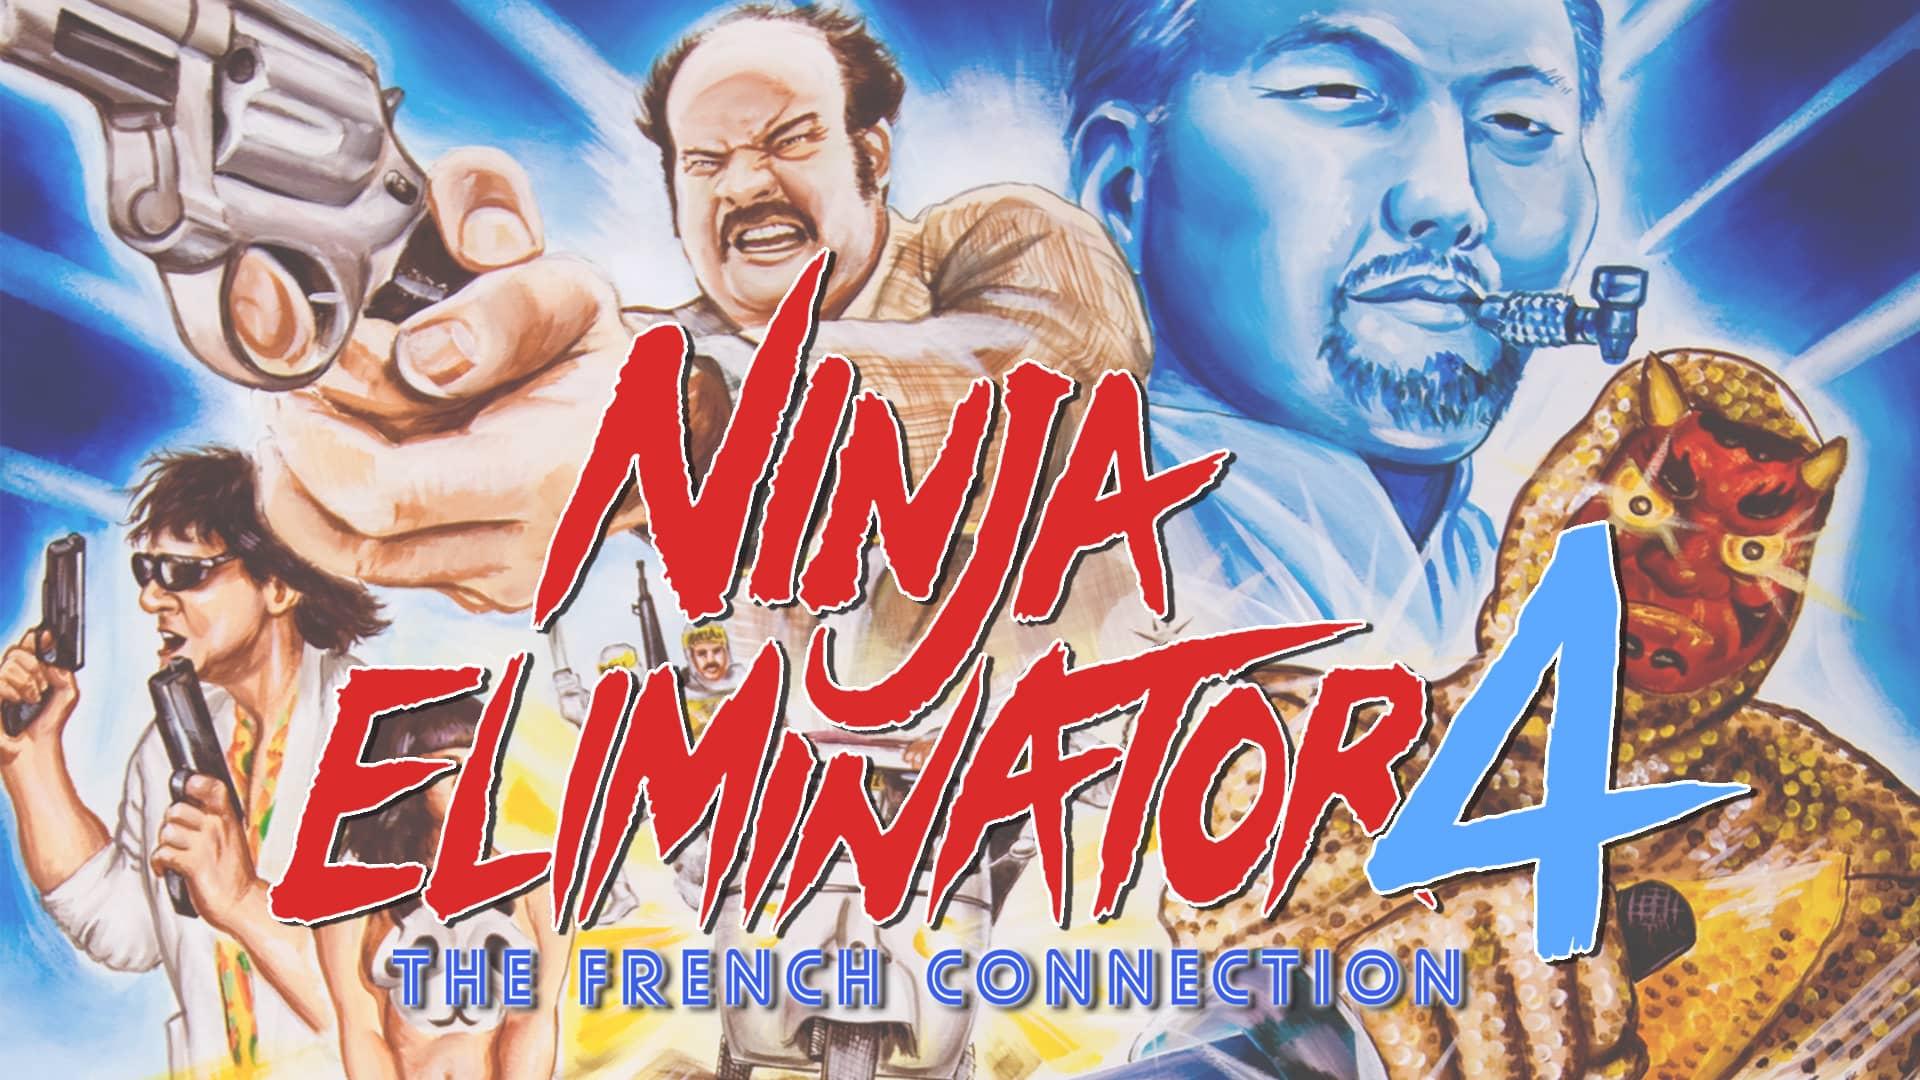 Ninja Eliminator 4